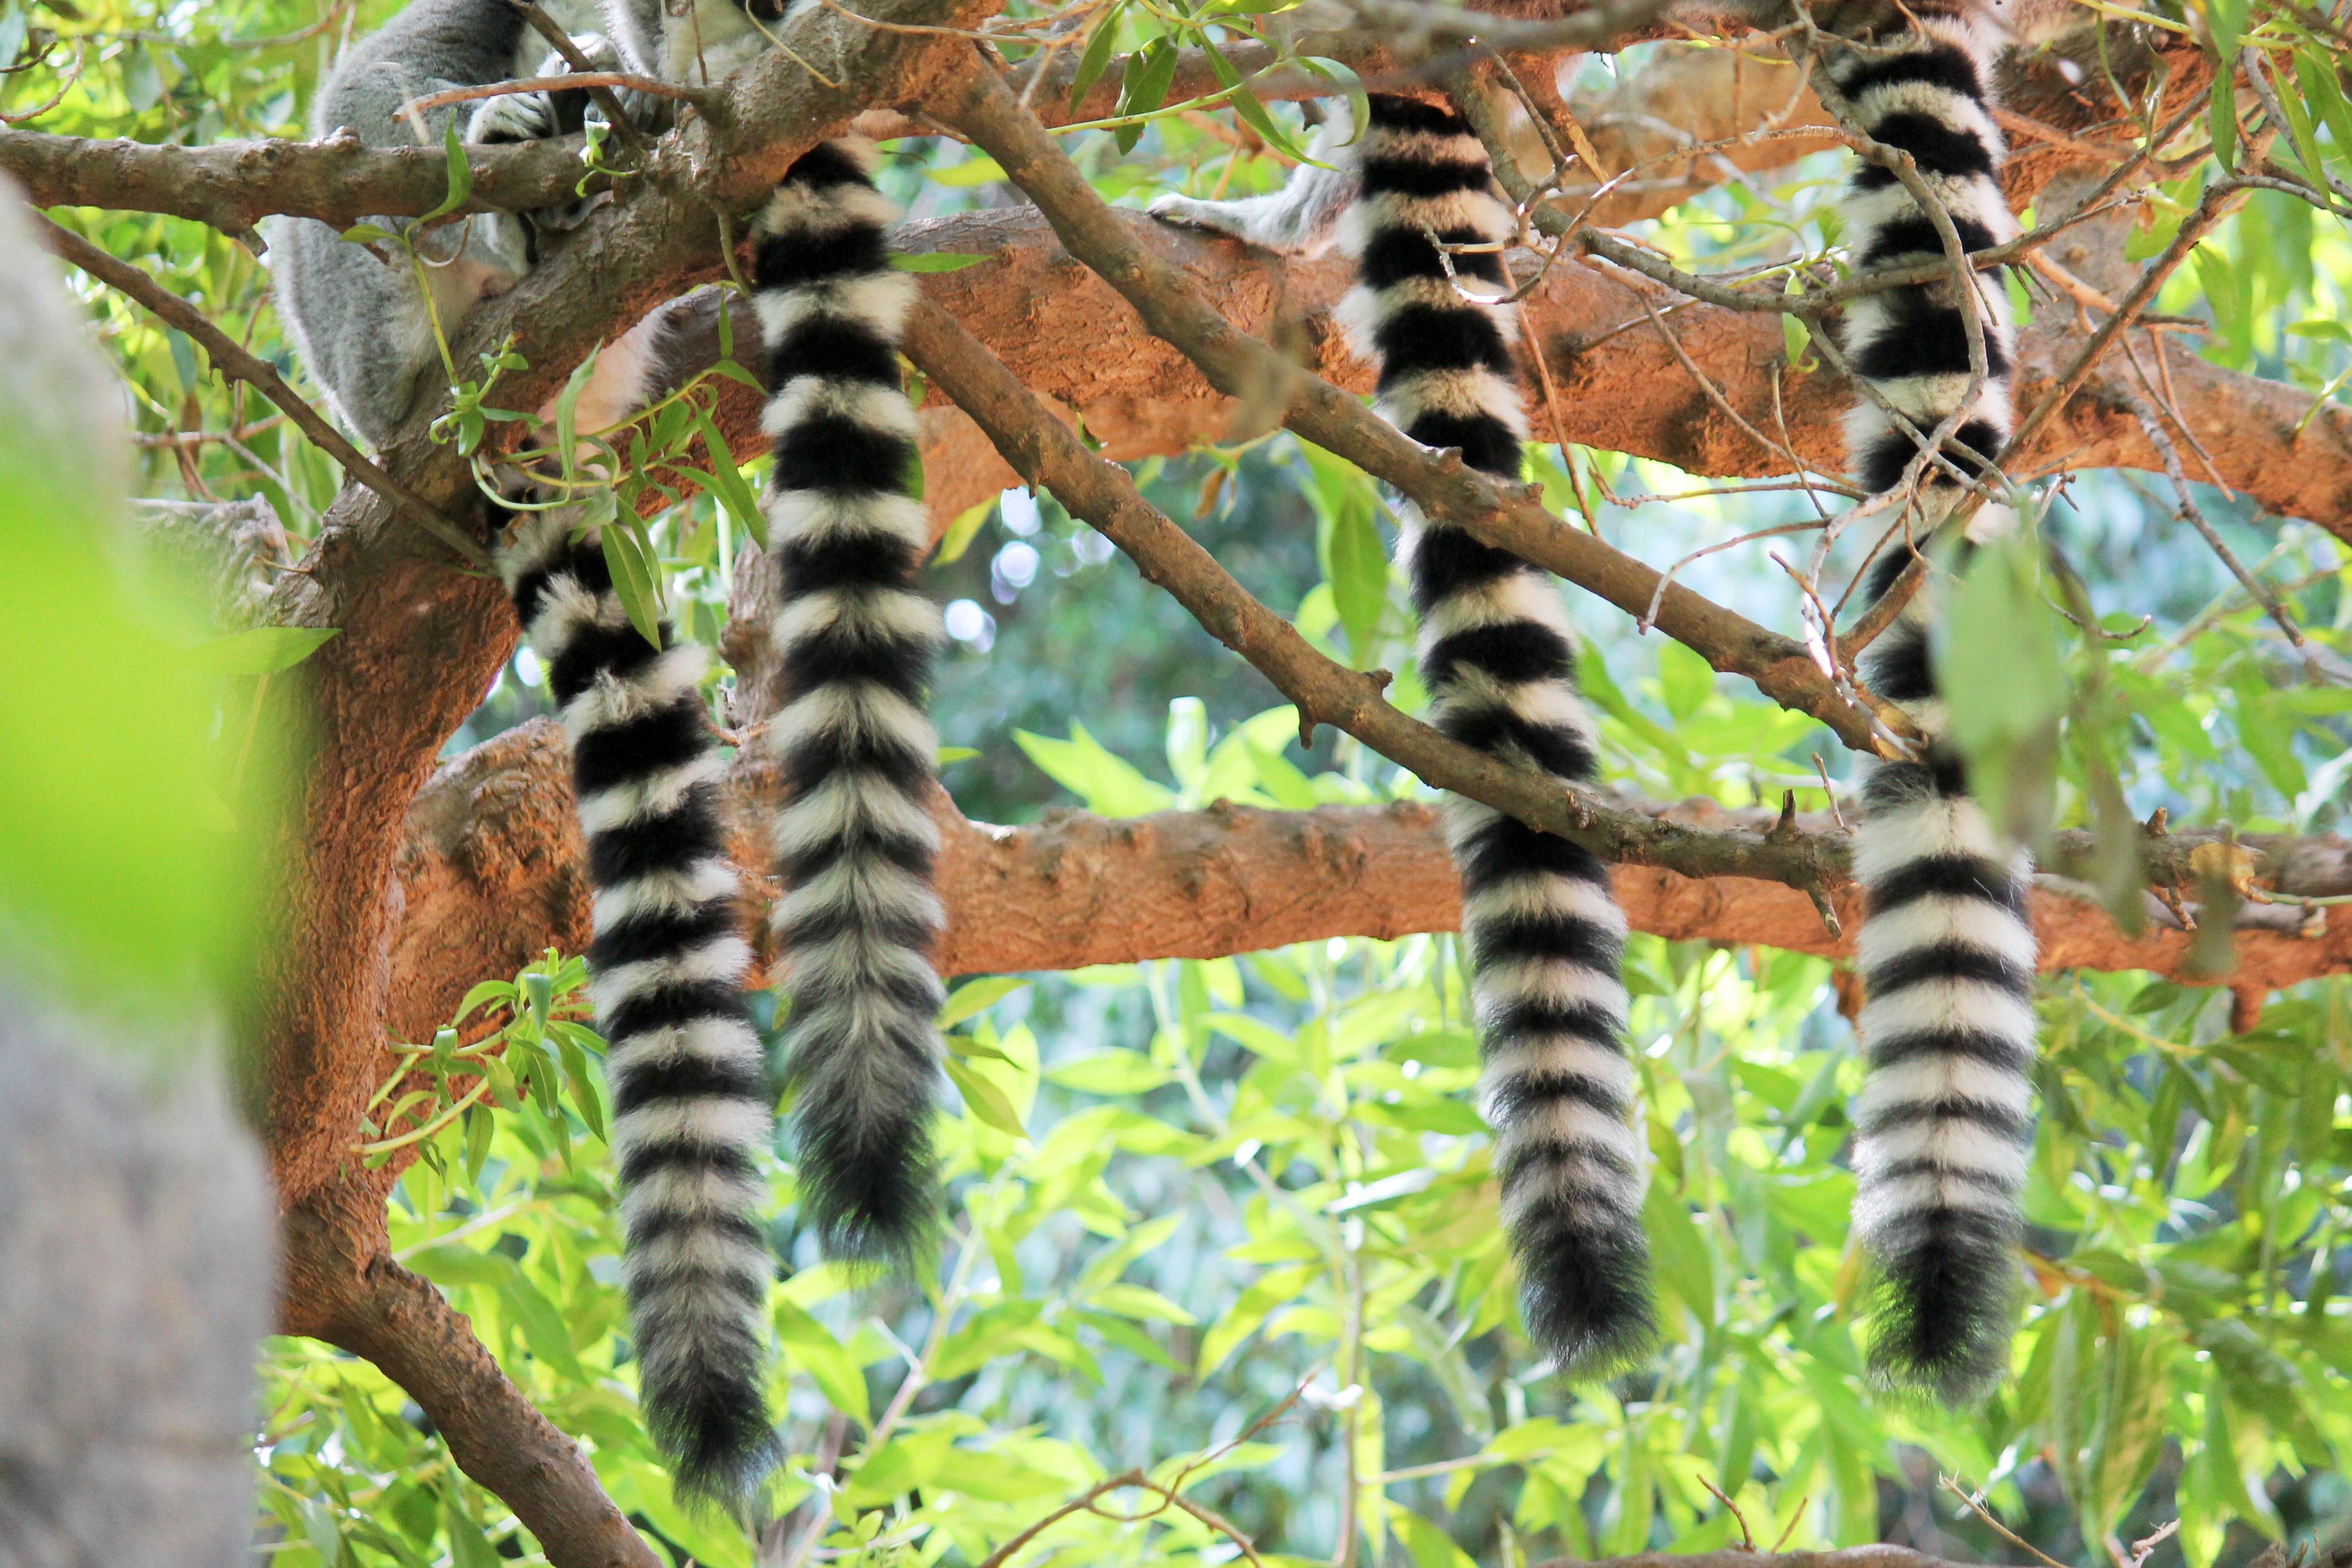 Bien-aimé Images Gratuites : la nature, branche, faune, jungle, insecte  RK44